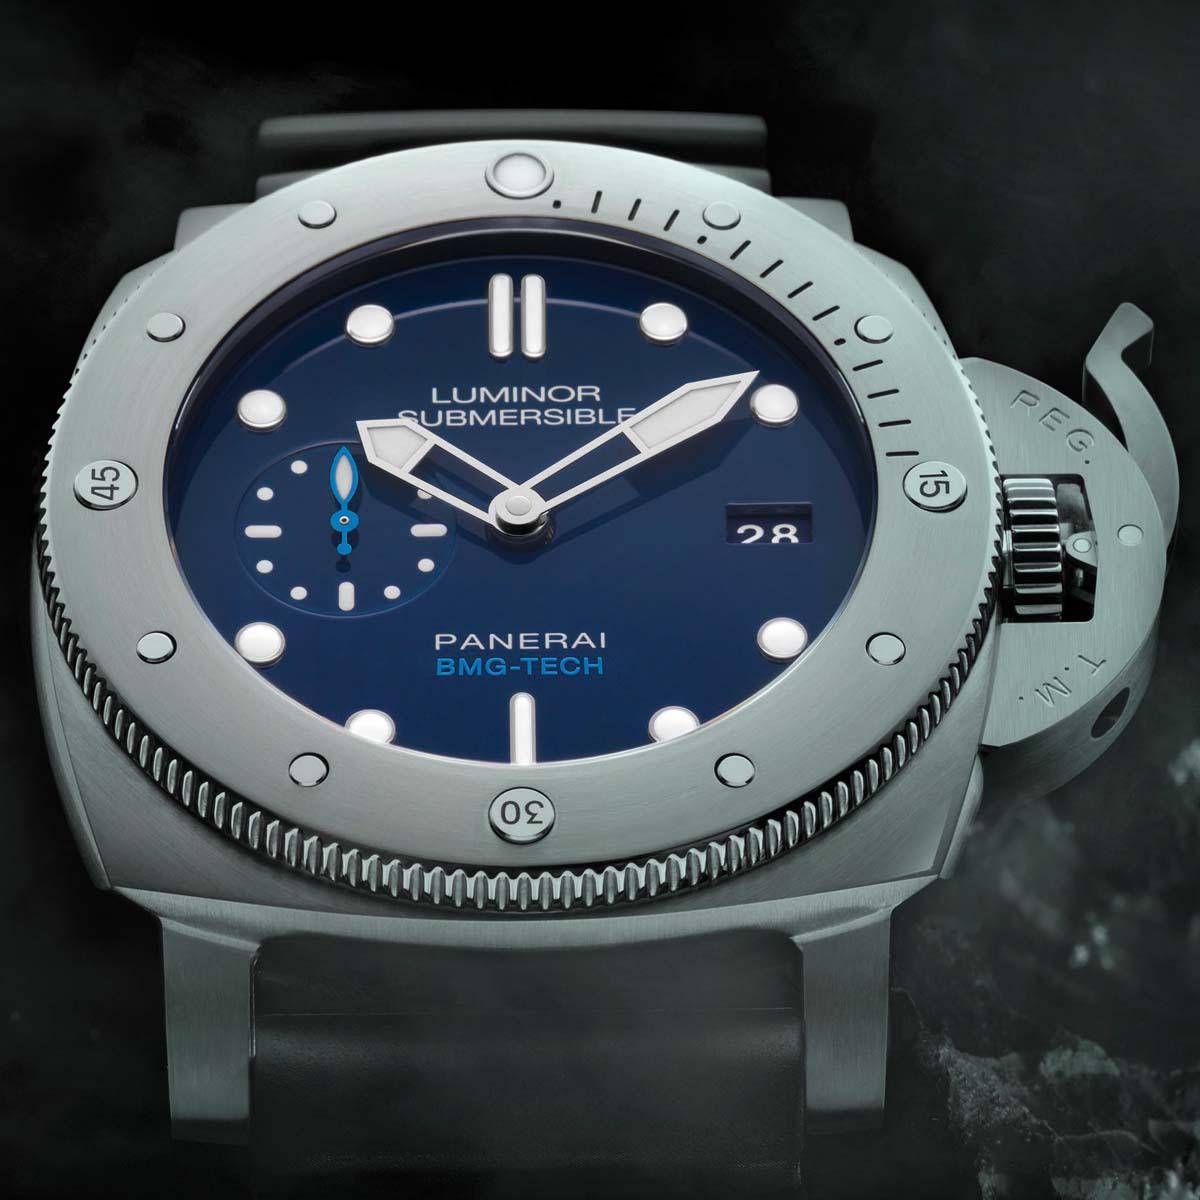 La Cote des Montres : Photo - Panerai Luminor Submersible 1950 BMG-Tech™ 3 Days Automatic – 47mm